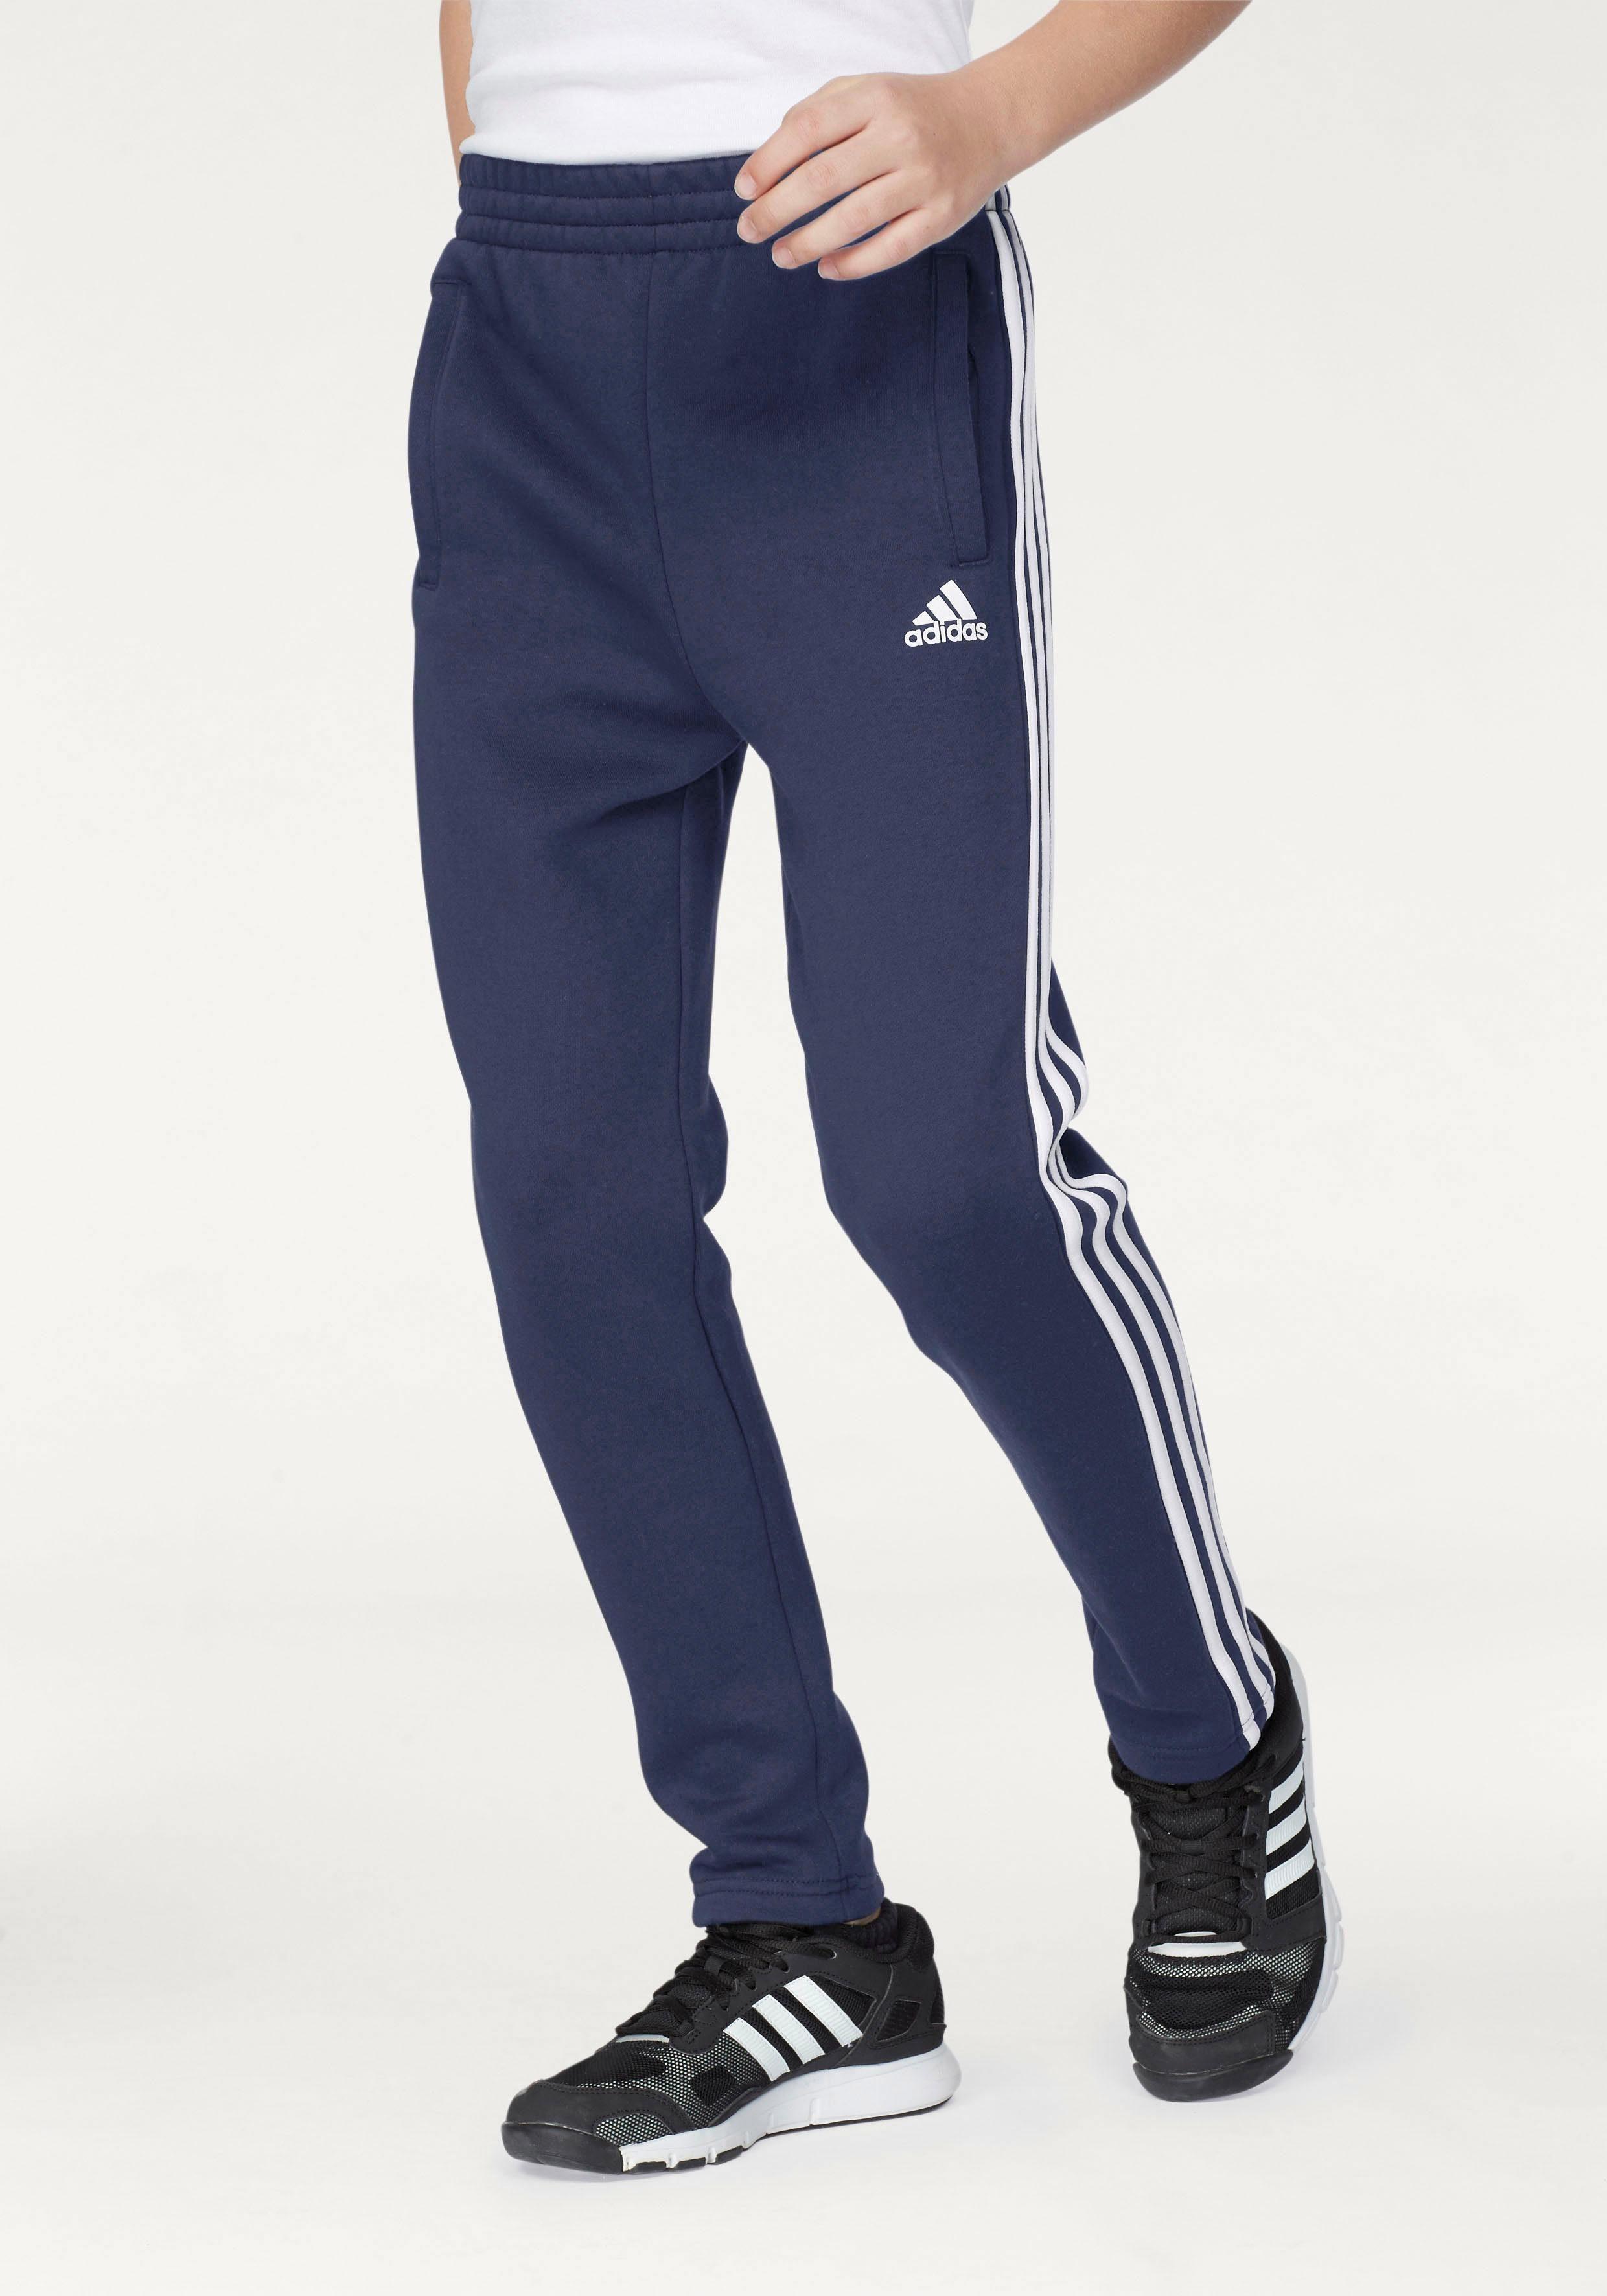 adidas Performance Sporthose »YOUNGBOY 3S BR PANT« mit applizierten Streifen online kaufen | OTTO